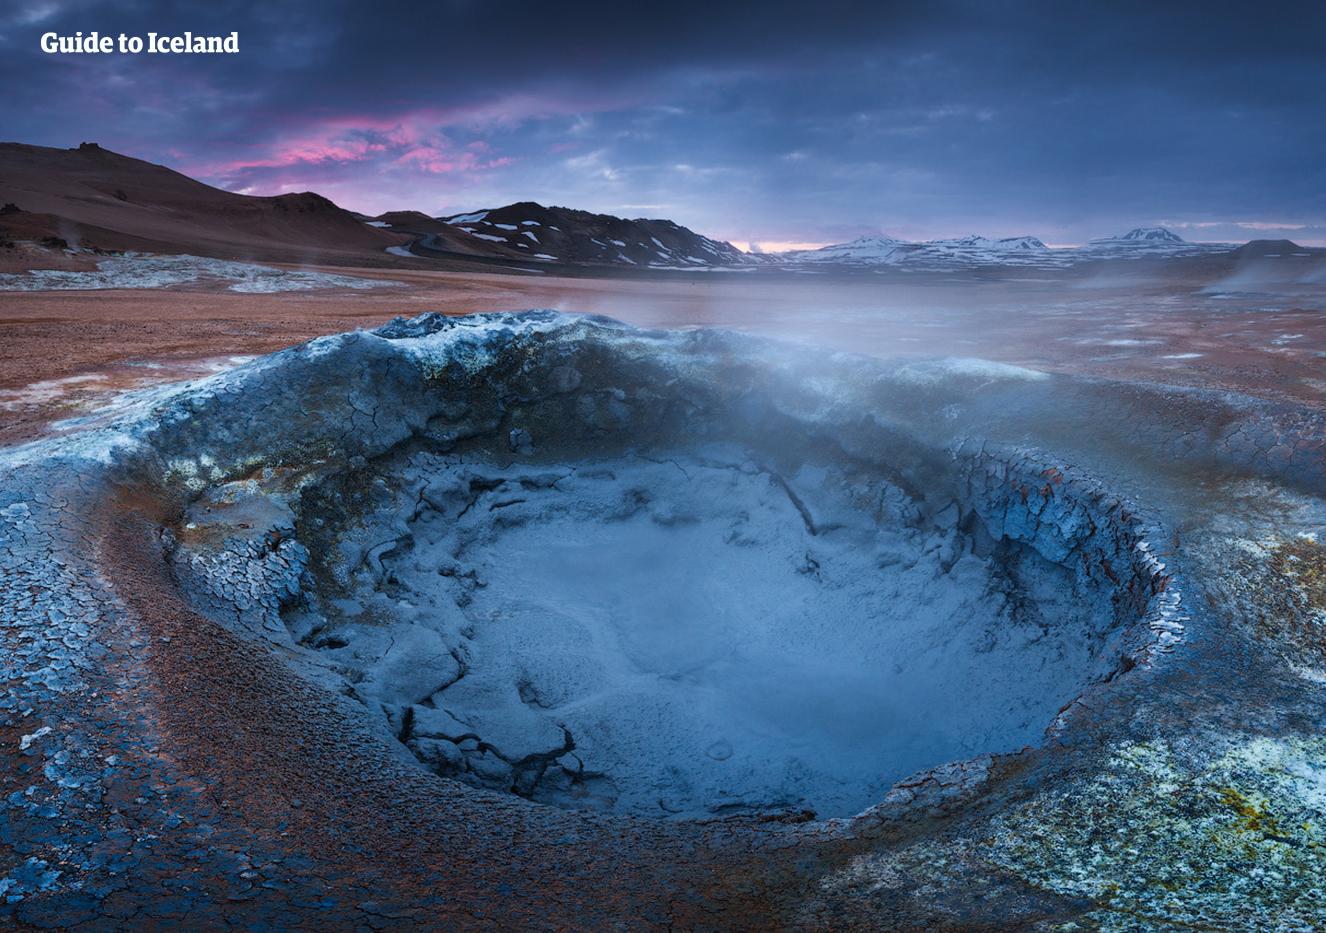 พื้นที่ส่วนใหญ่ที่อยู่รอบๆทะเลสาบมิทวาห์คือน้ำพุร้อน